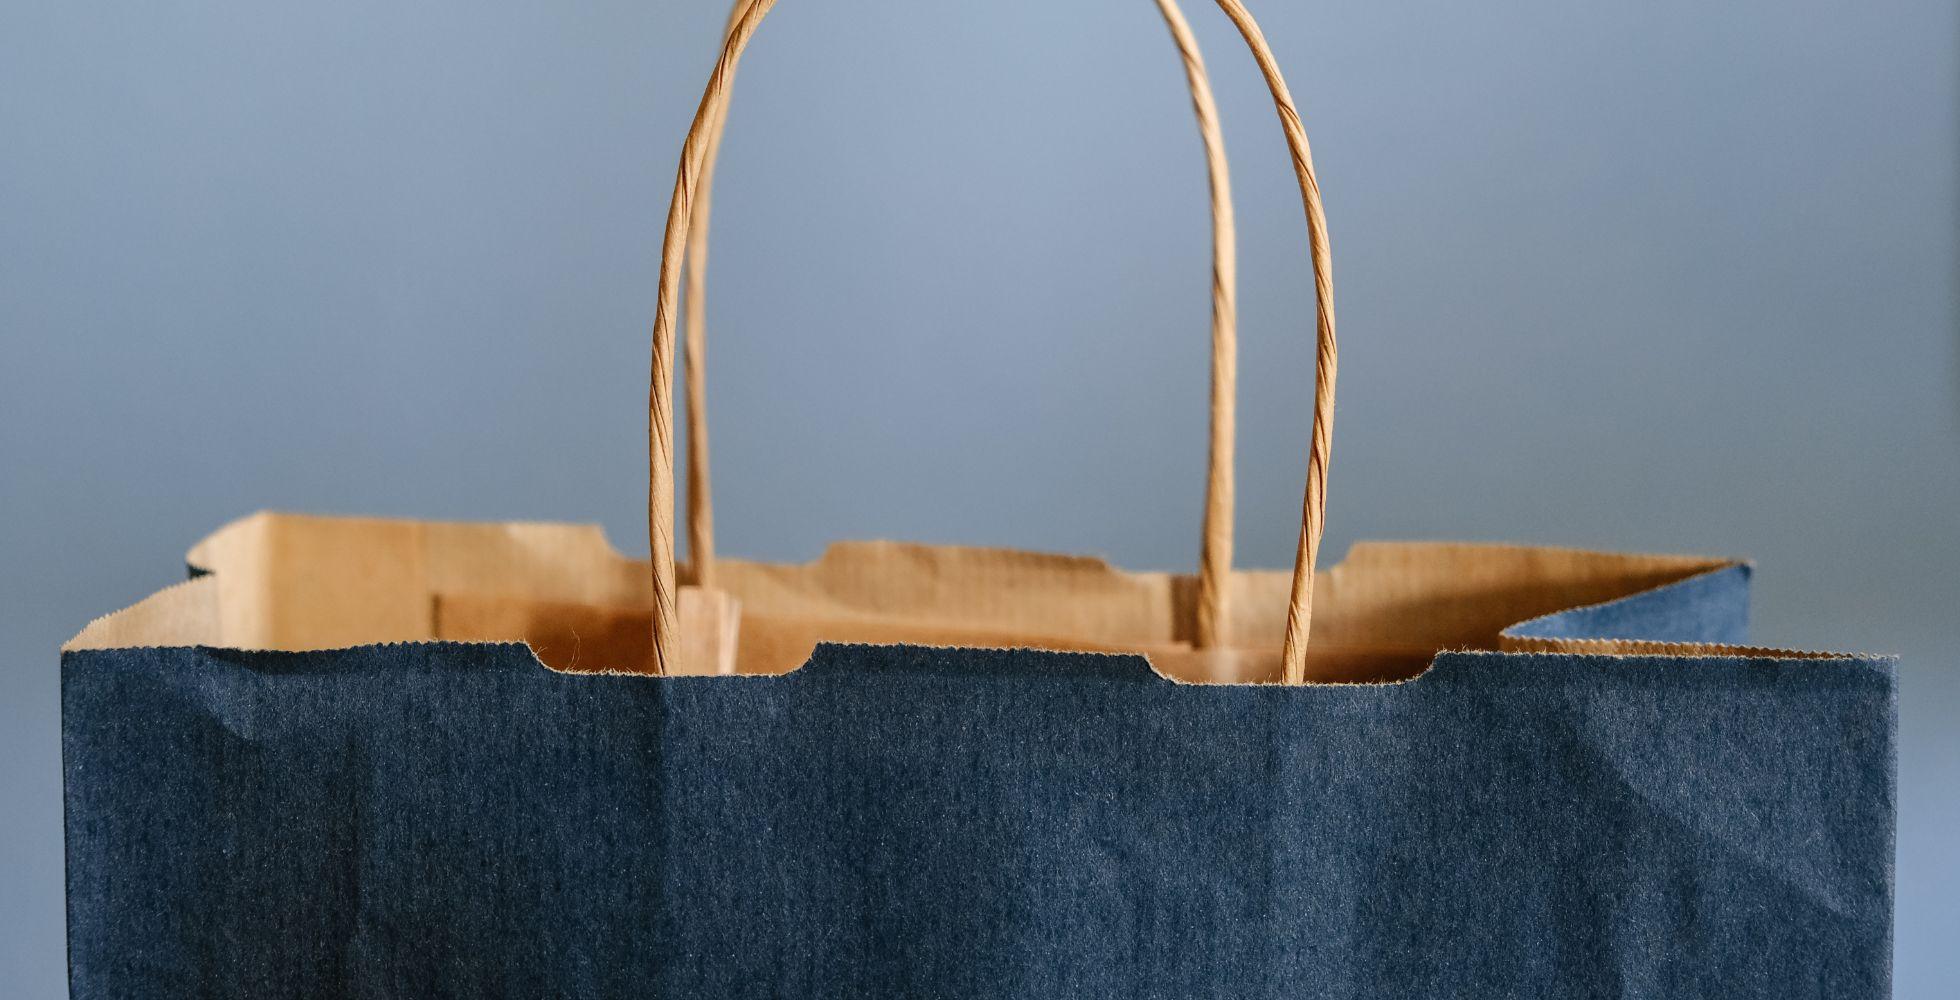 Giv din kunder den bedste købsoplevelse med godt salgsmateriale